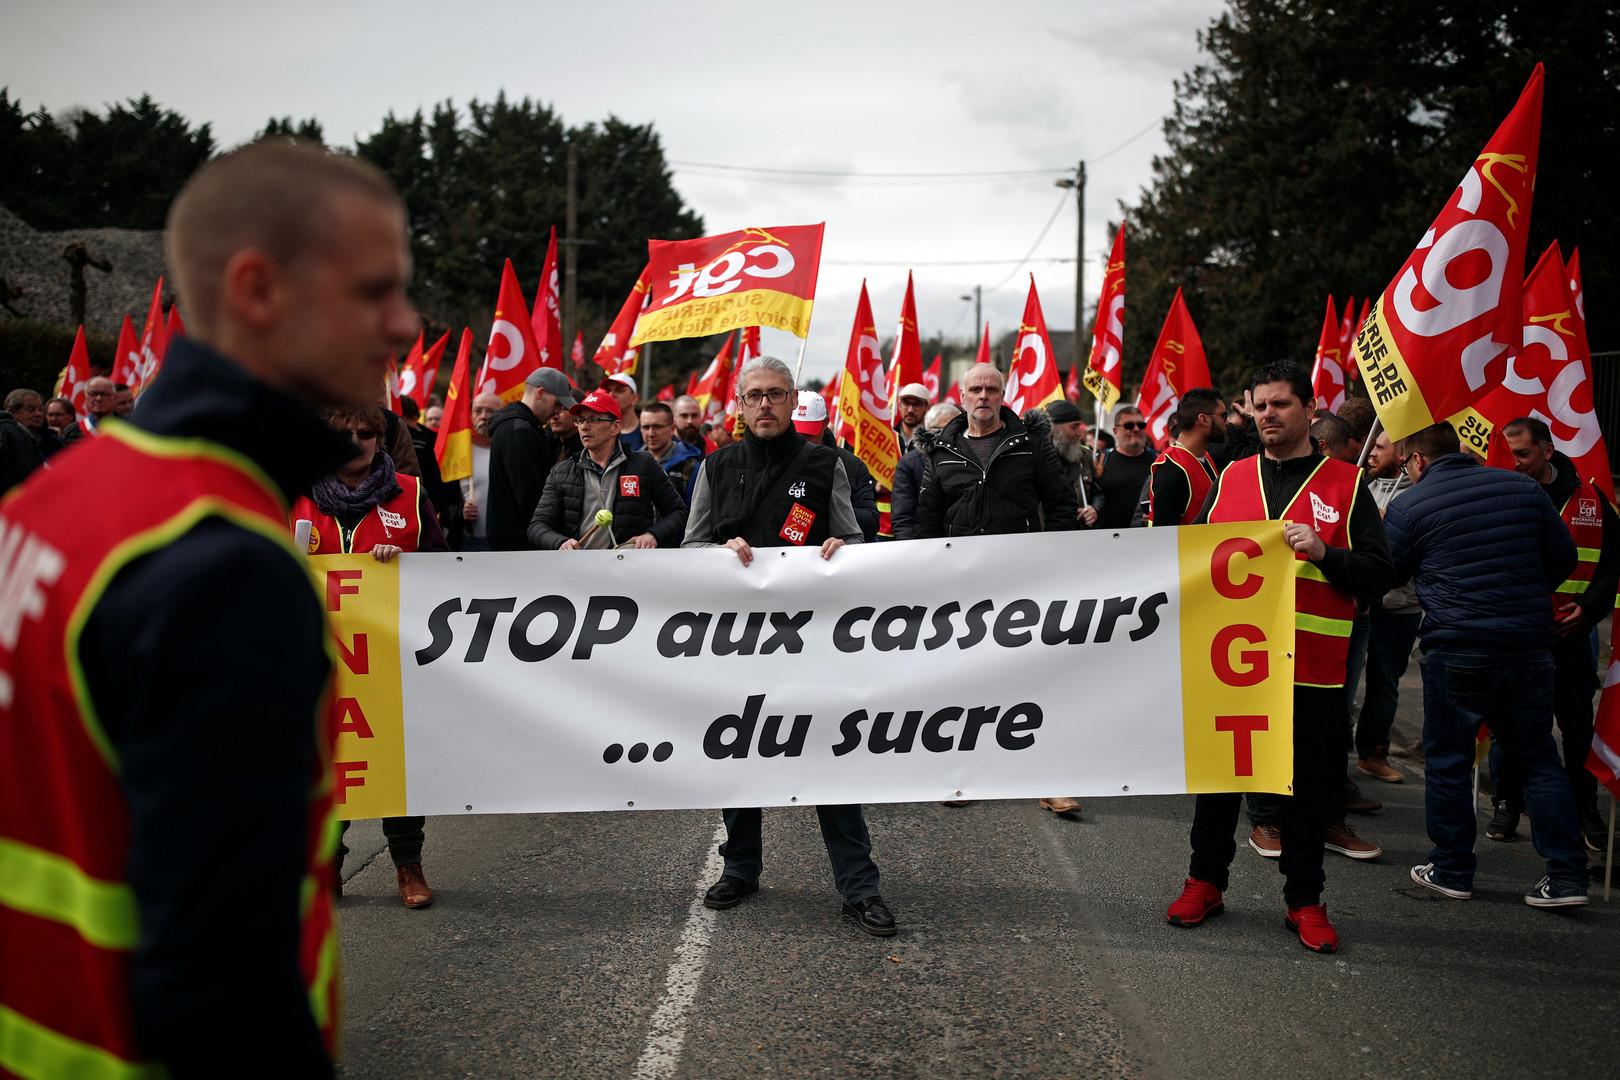 Liberalisierung des Zuckerrübensektors durch EU-Kommission hat fatale Folgen für Bauern in der EU